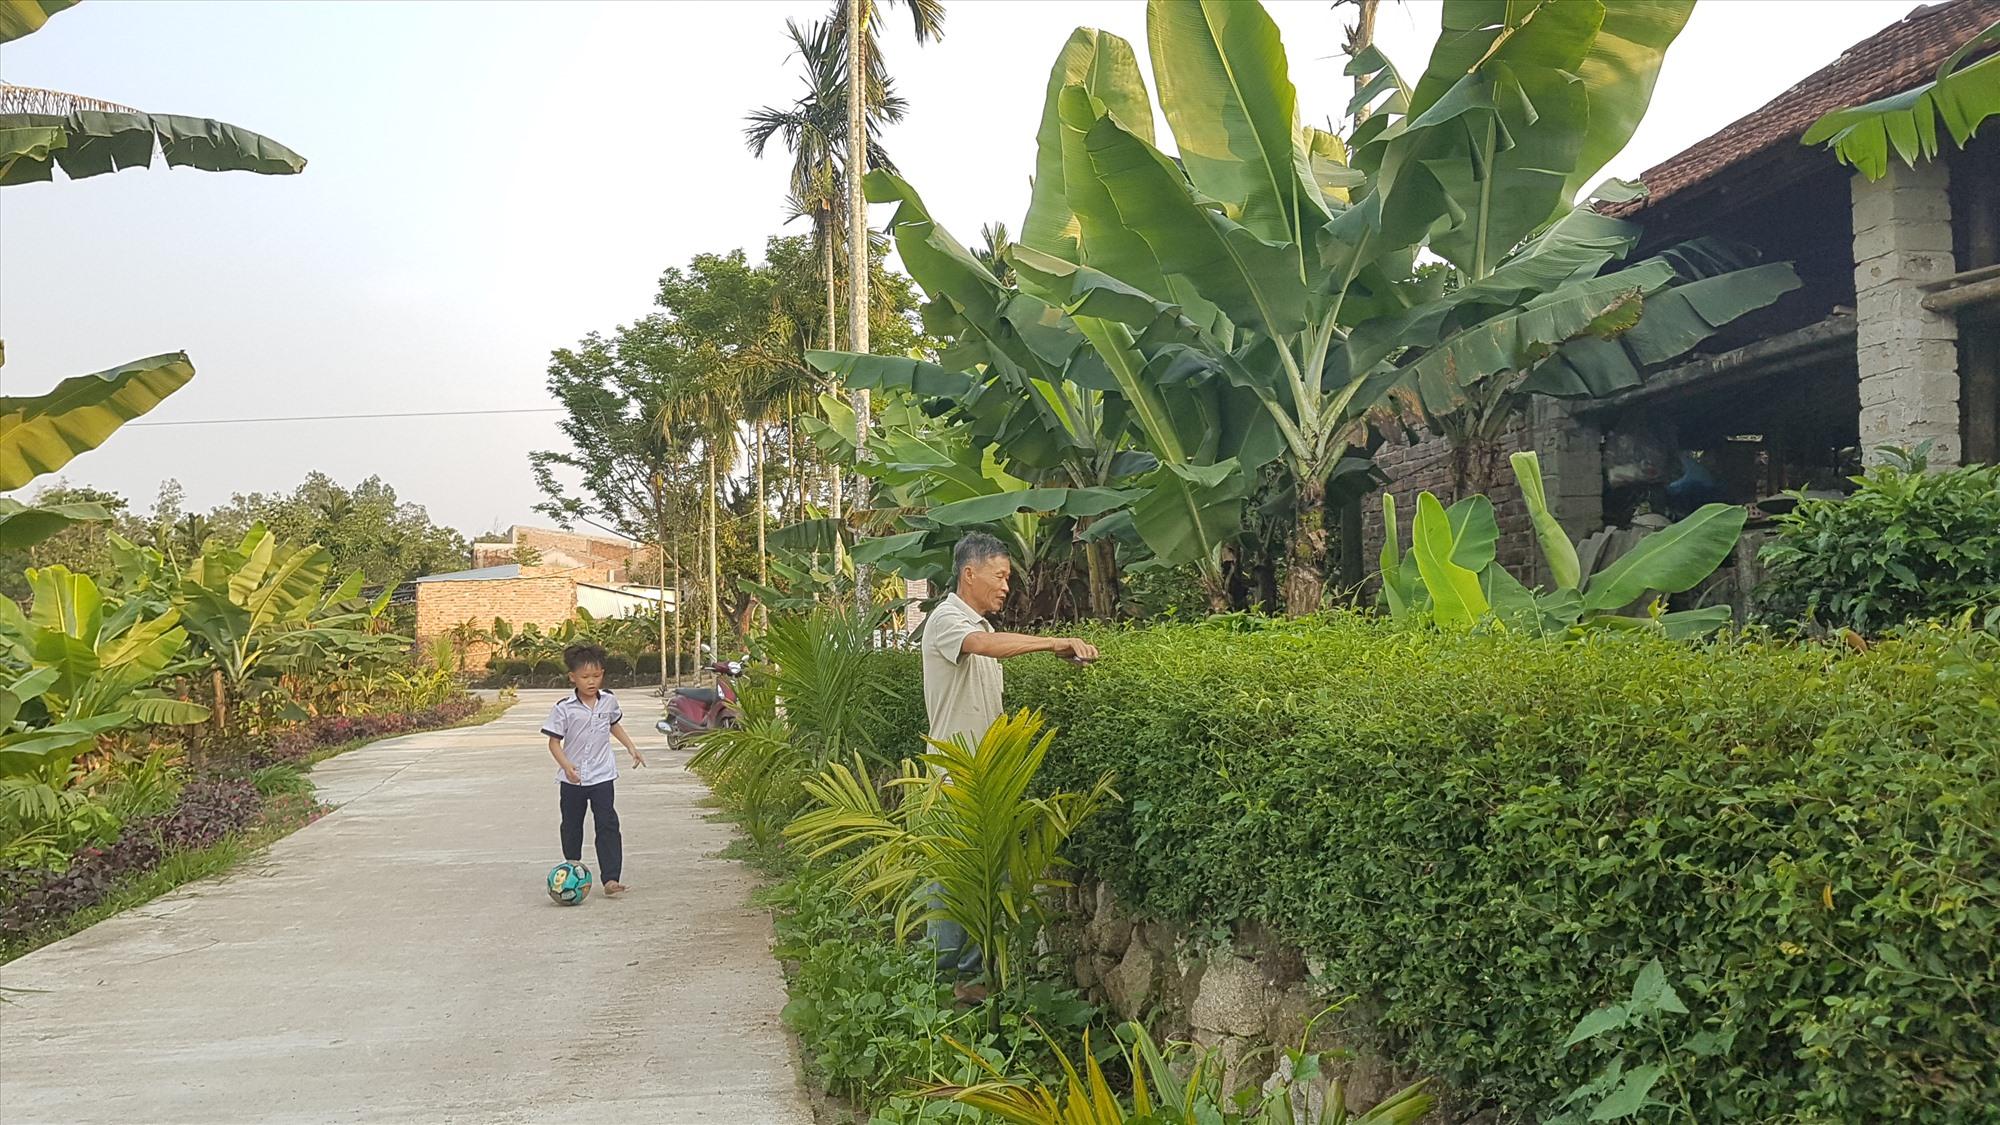 Tiên Phước đang tập trung xây dựng huyện nông thôn mới kiểu mẫu đến năm 2025. Ảnh: D.L